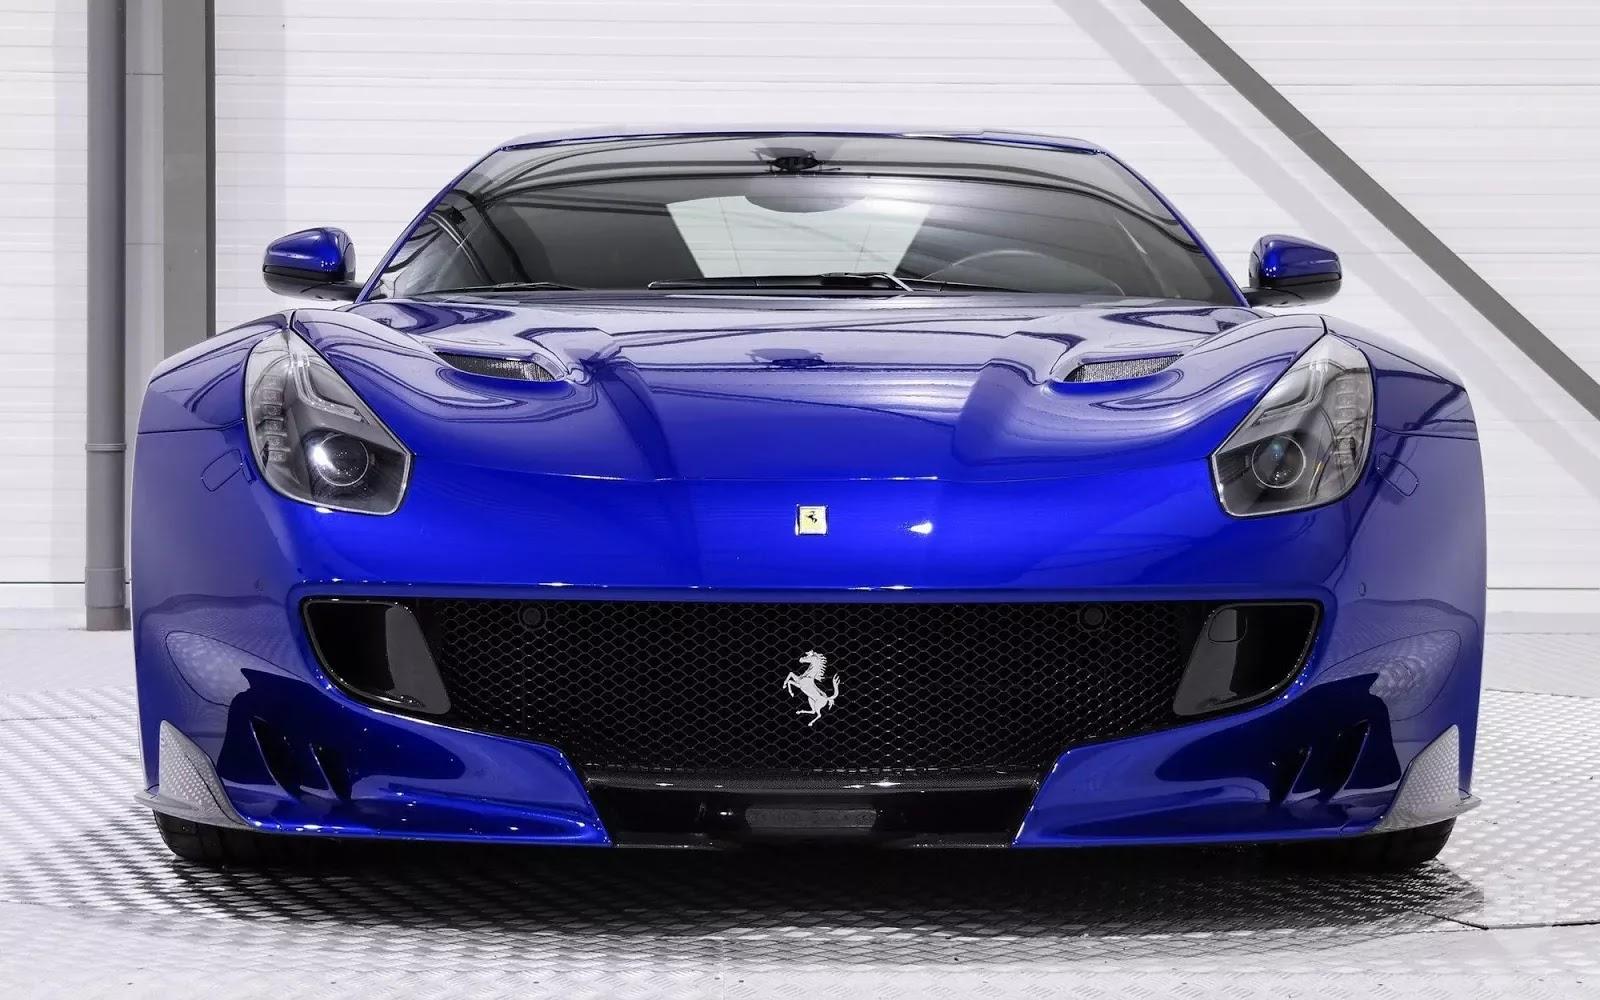 Ferrari-F12tdf-Blue-4.webp